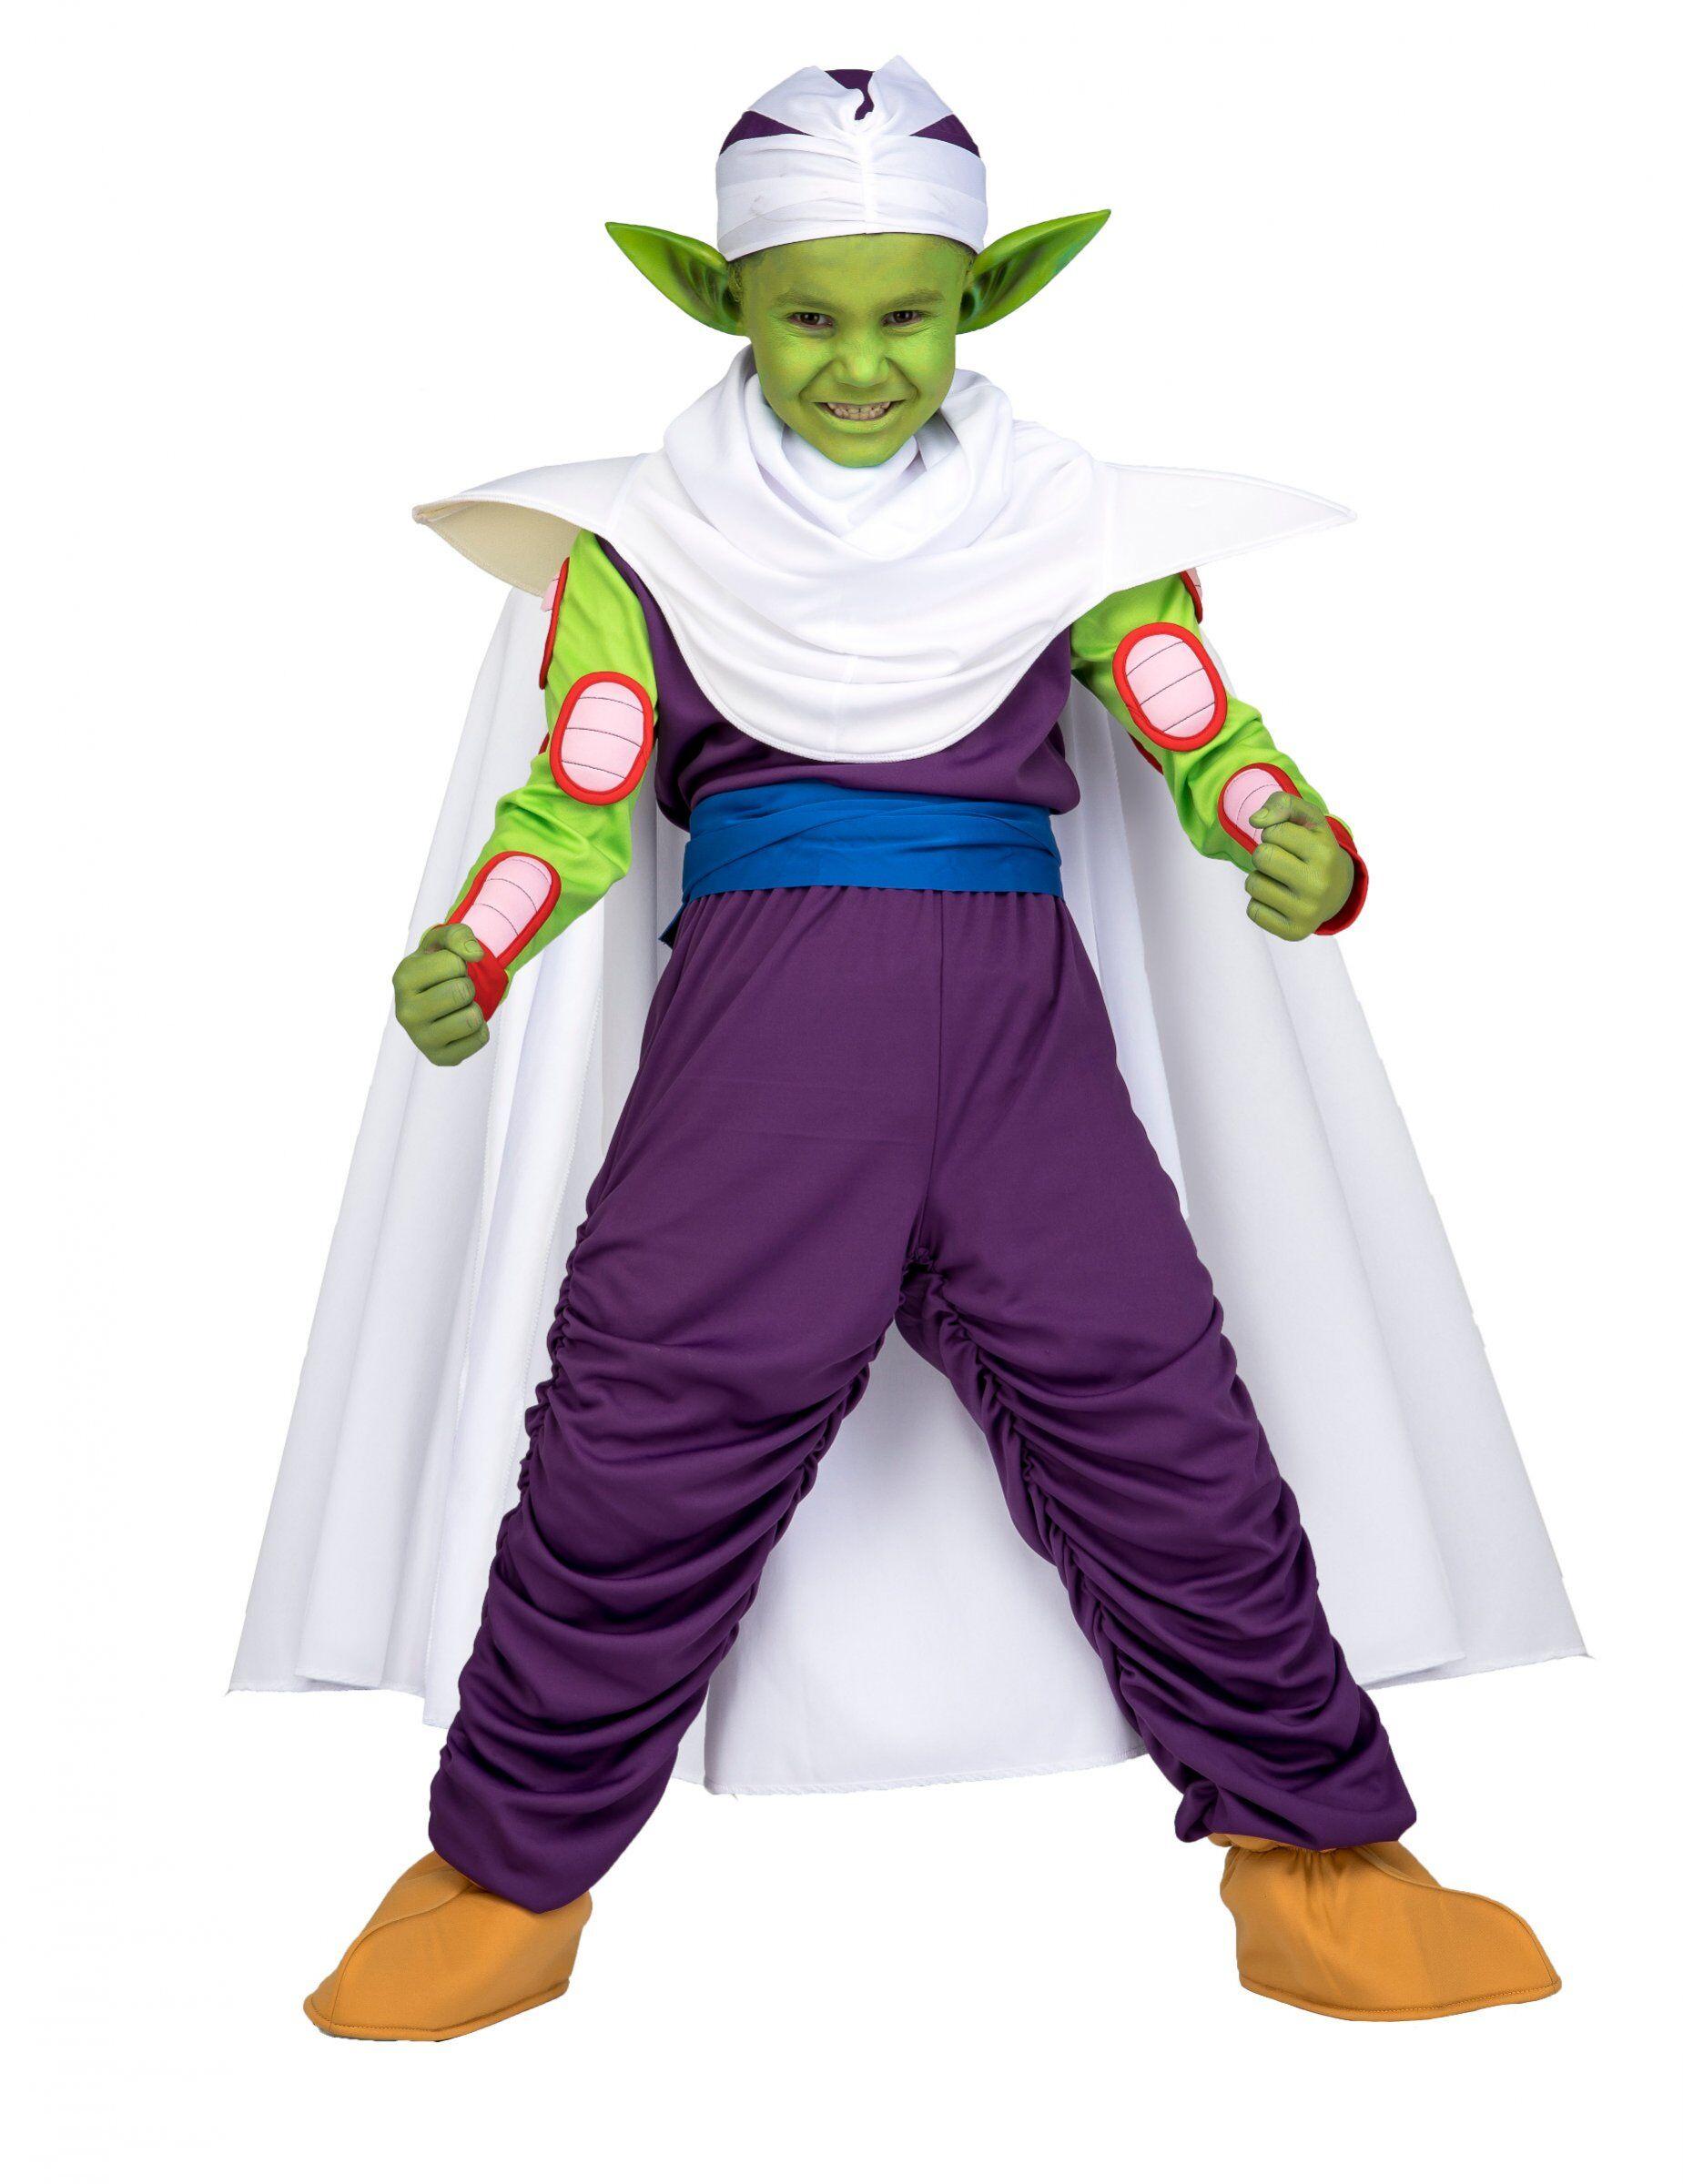 Deguisetoi Coffret déguisement Piccolo Dragon Ball enfant avec maquillage - Taille: 10 - 12 ans (140 - 152 cm)